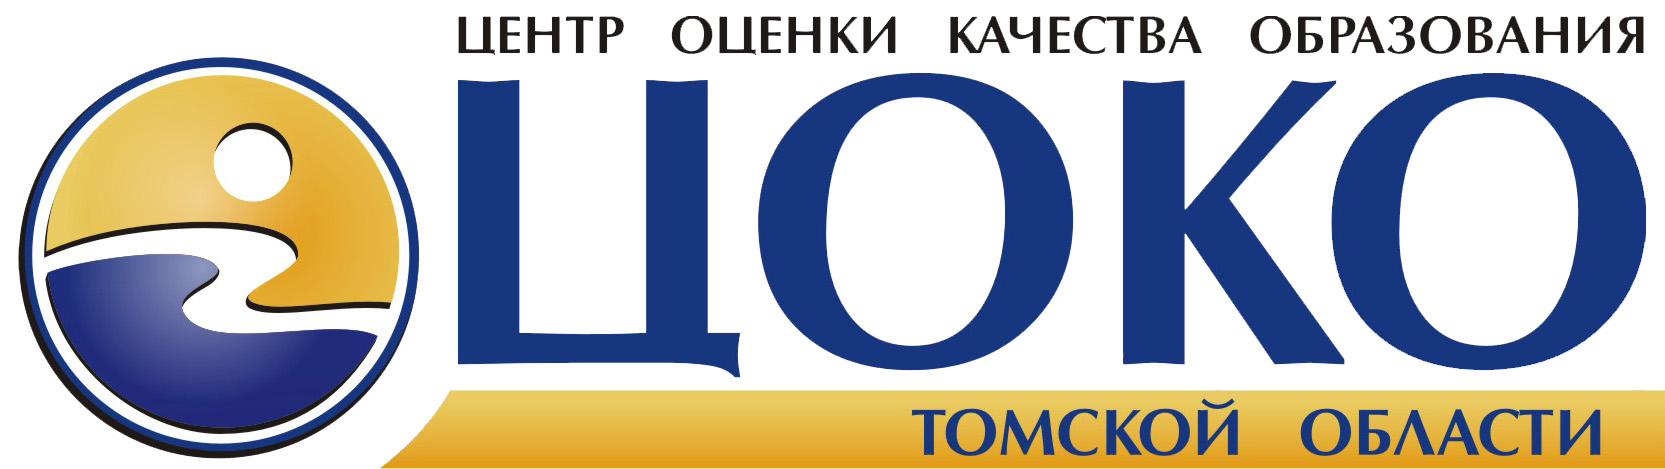 Рособрнадзор провел в НГПУ Всероссийское совещание по оценке качества образования